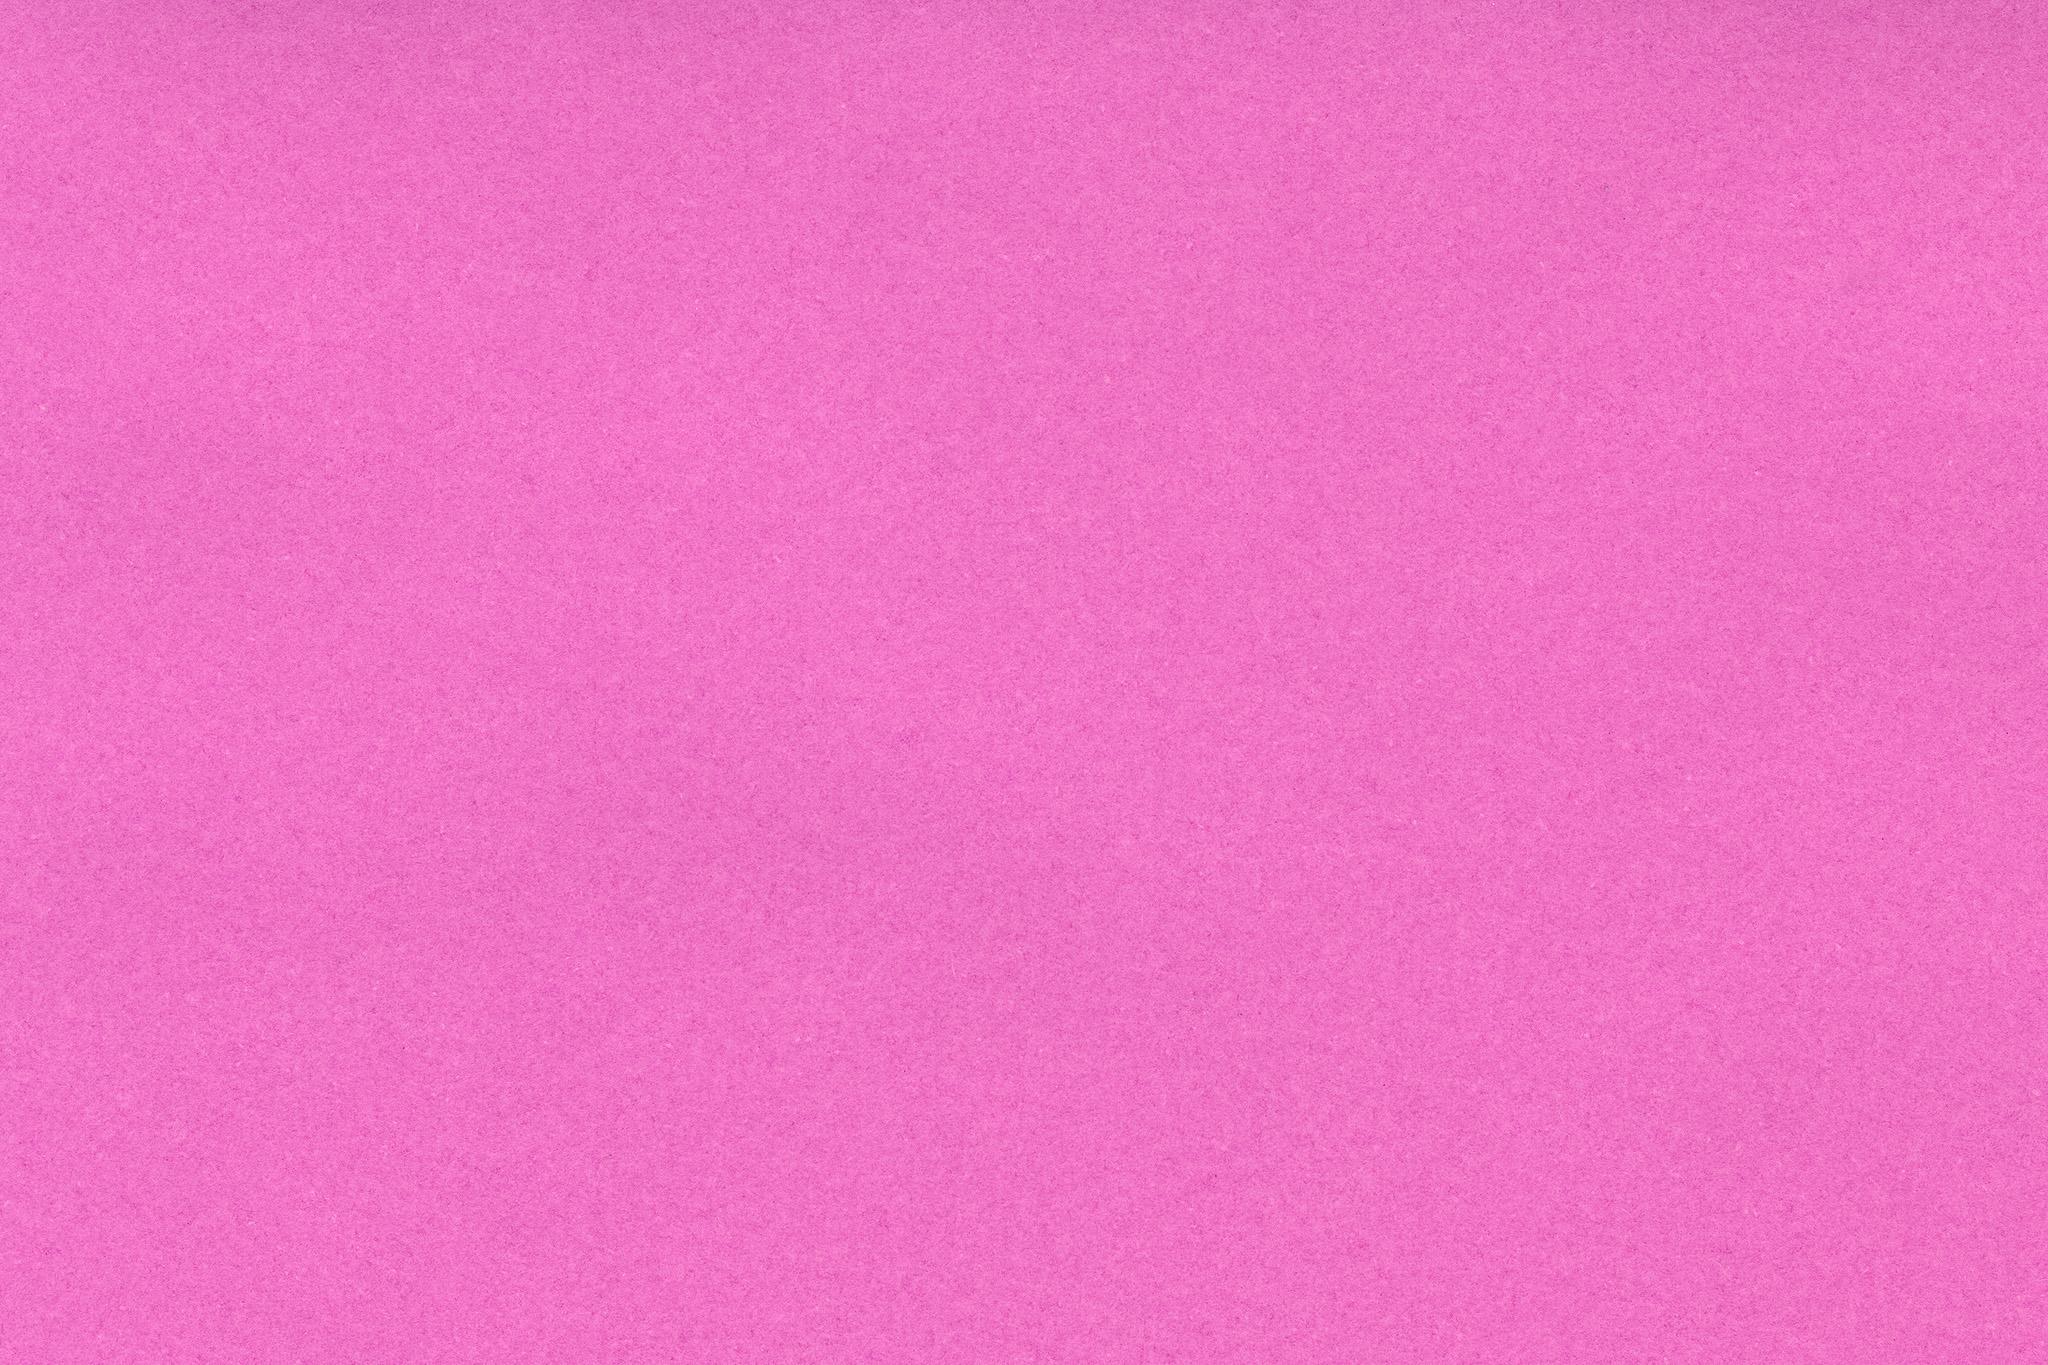 「可愛らしいピンク色の折紙」